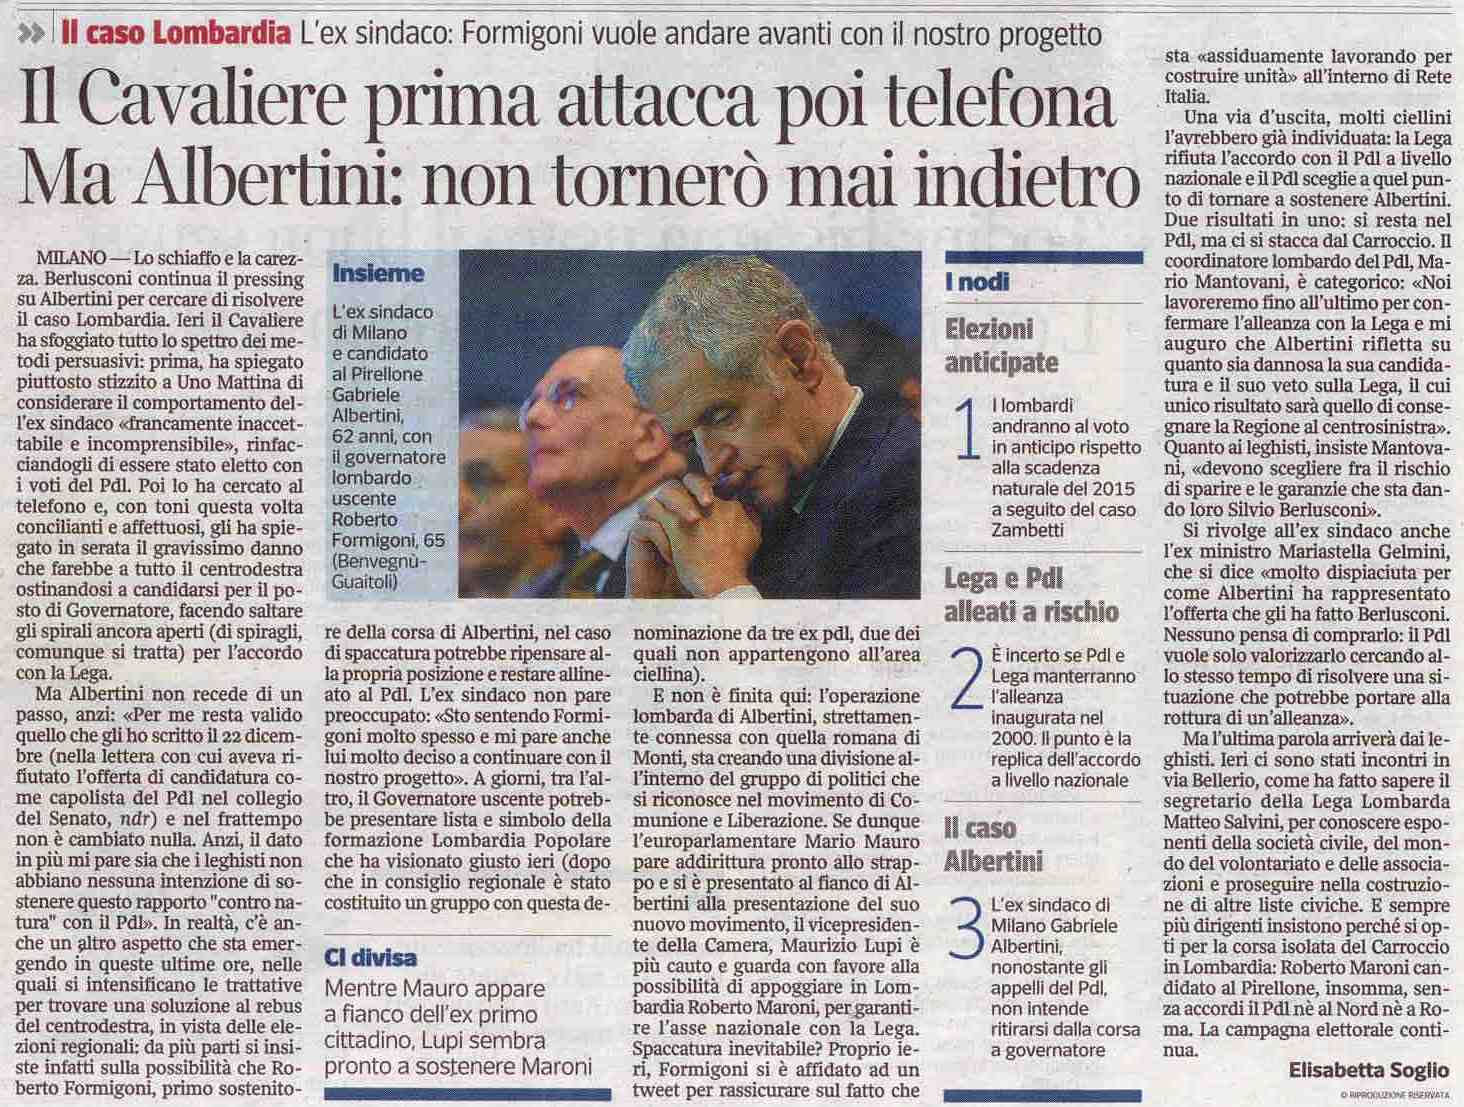 CorrieredellaSera